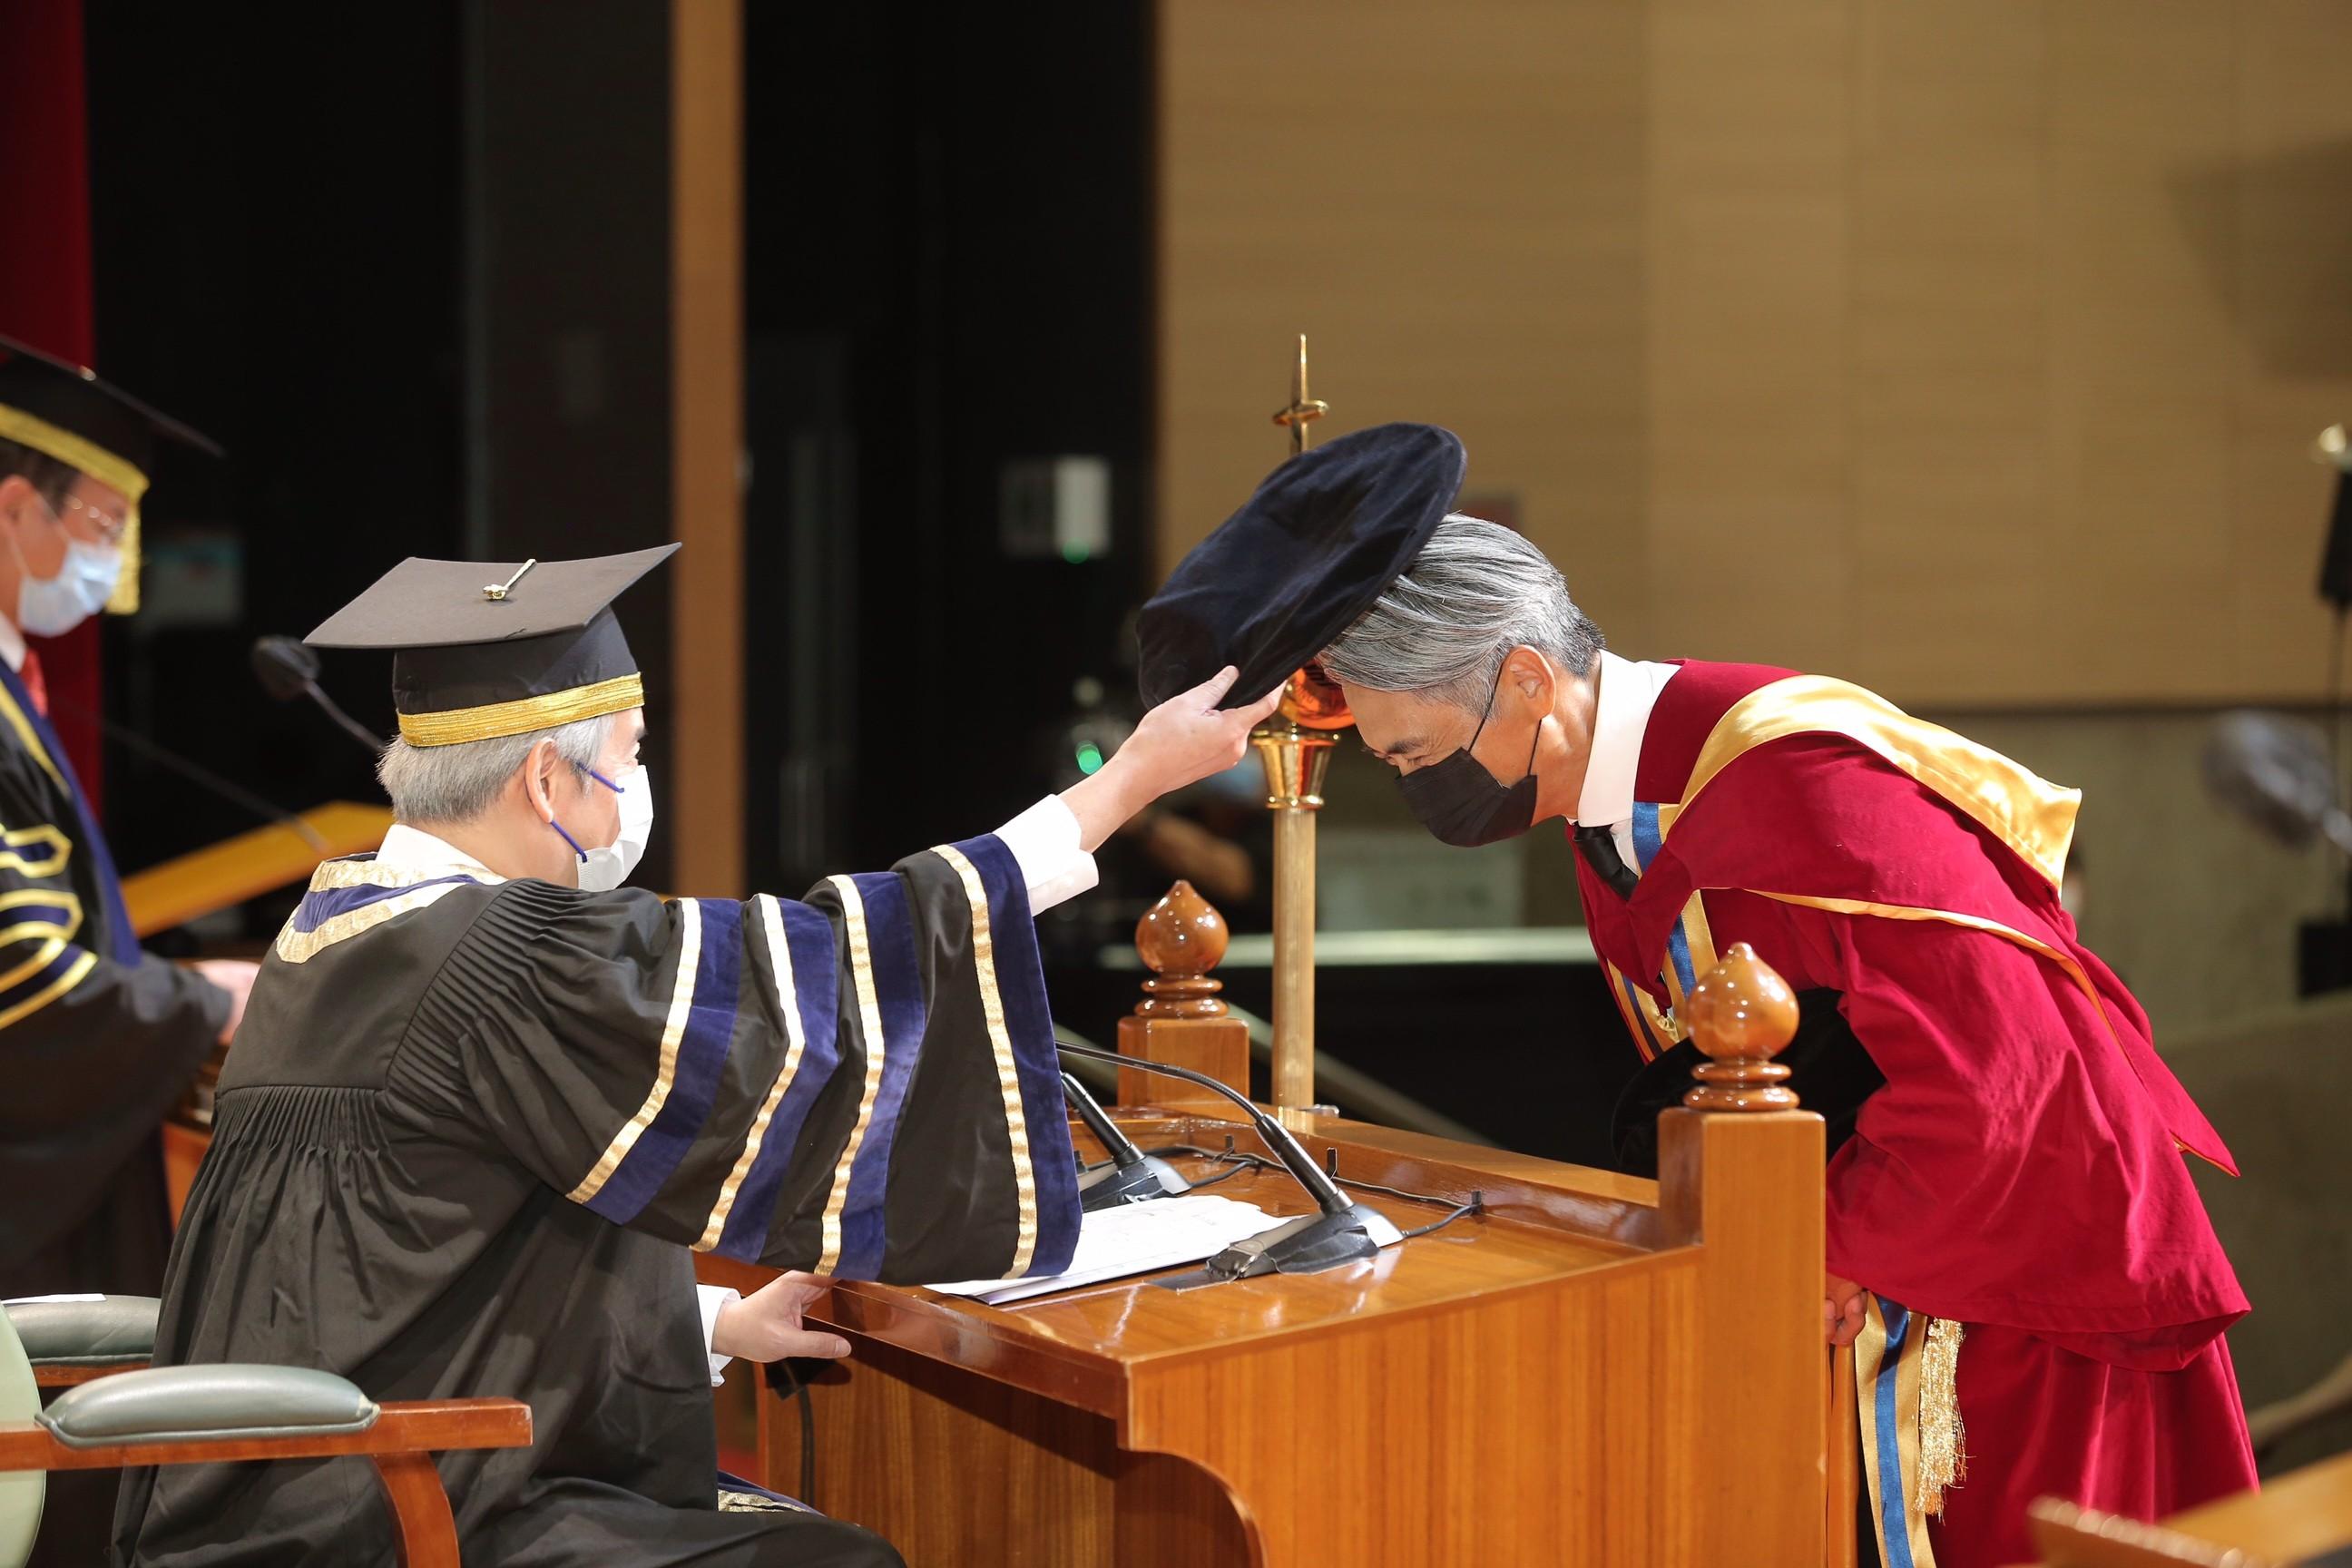 周潤發博士(右)獲浸大校董會暨諮議會主席陳鎮仁博士浸大頒授榮譽人文博士學位。